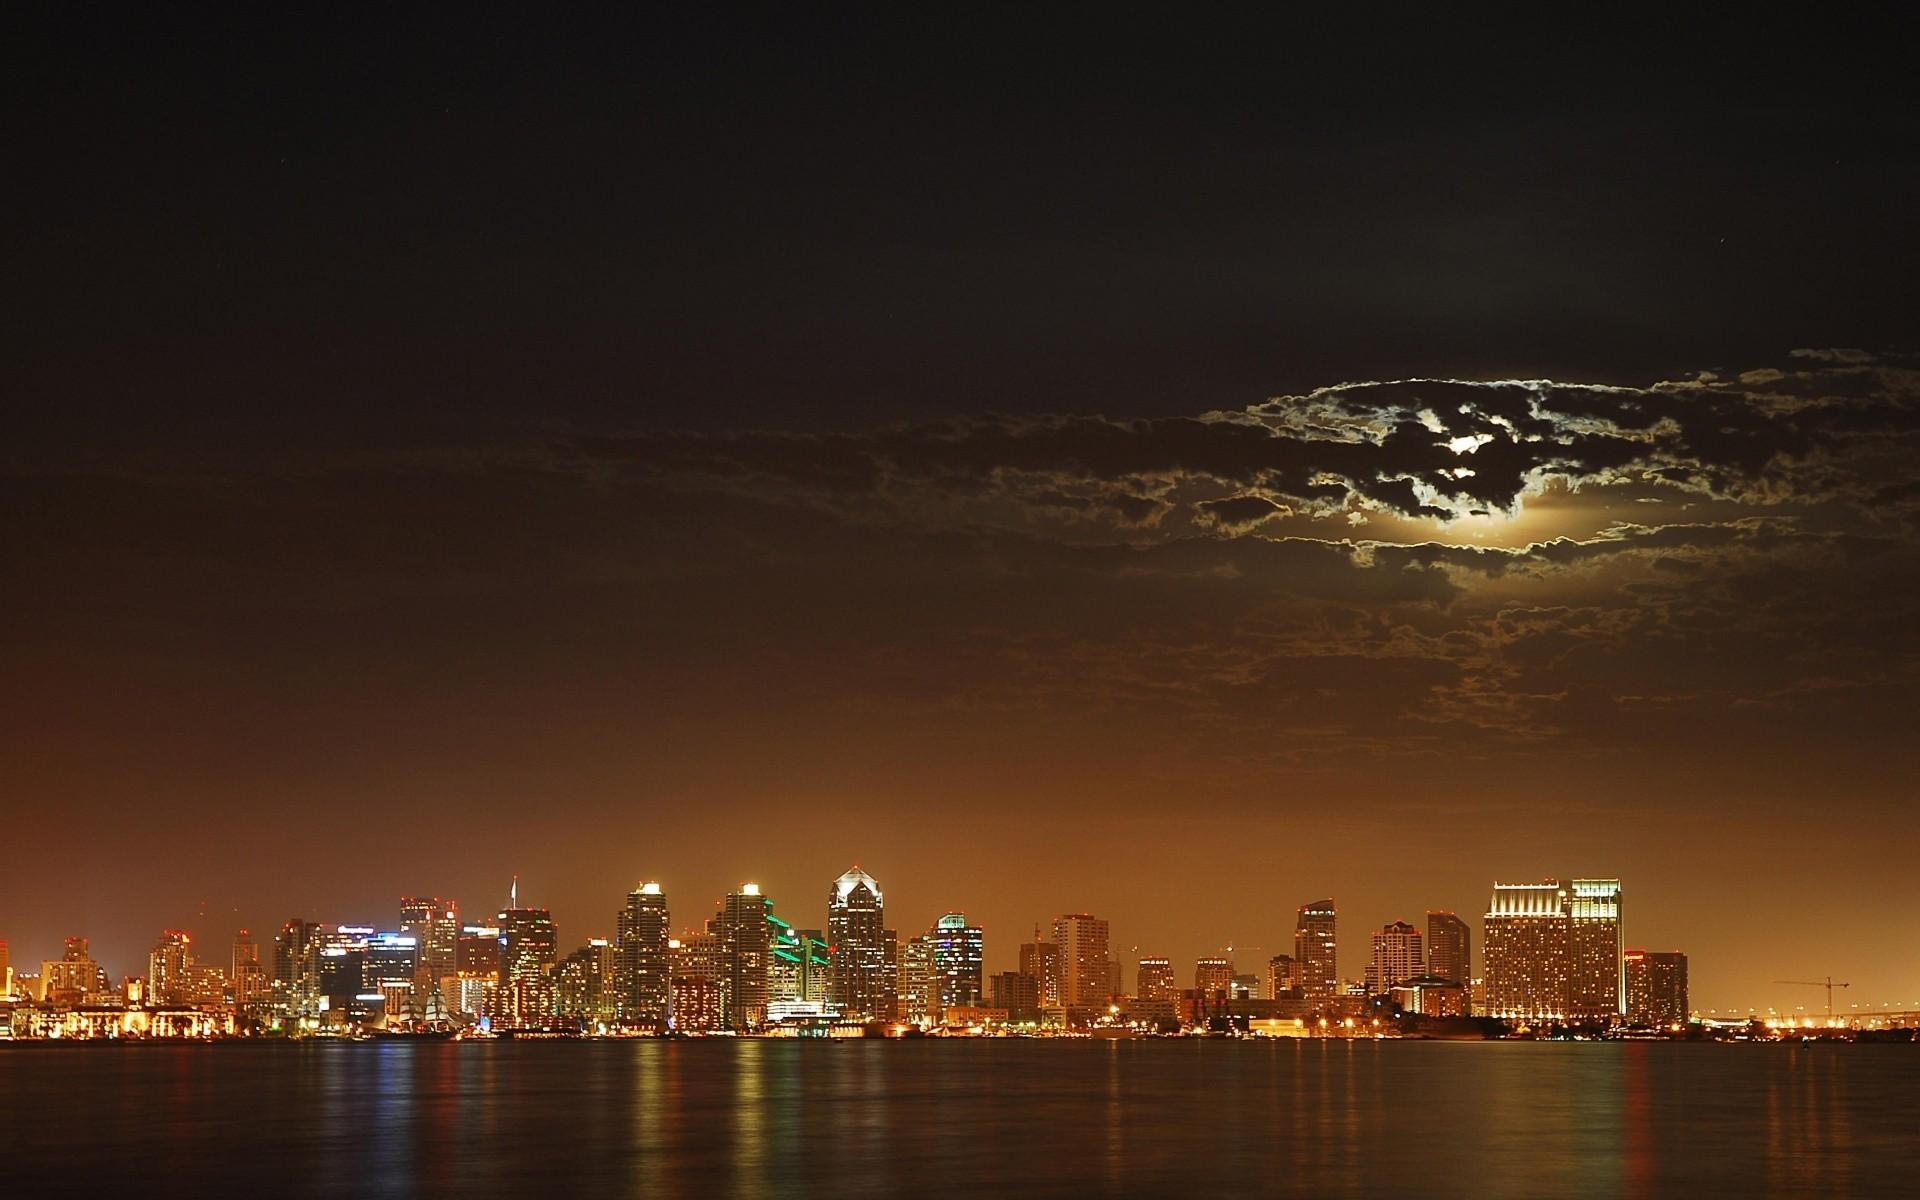 живость картинки города вдалеке того чтобы будущая